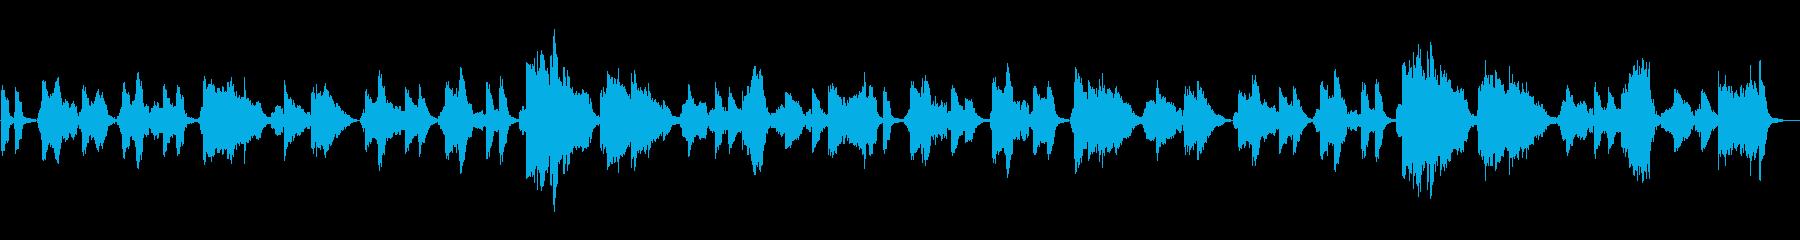 浅草オペラのレトロな大正歌謡の再生済みの波形